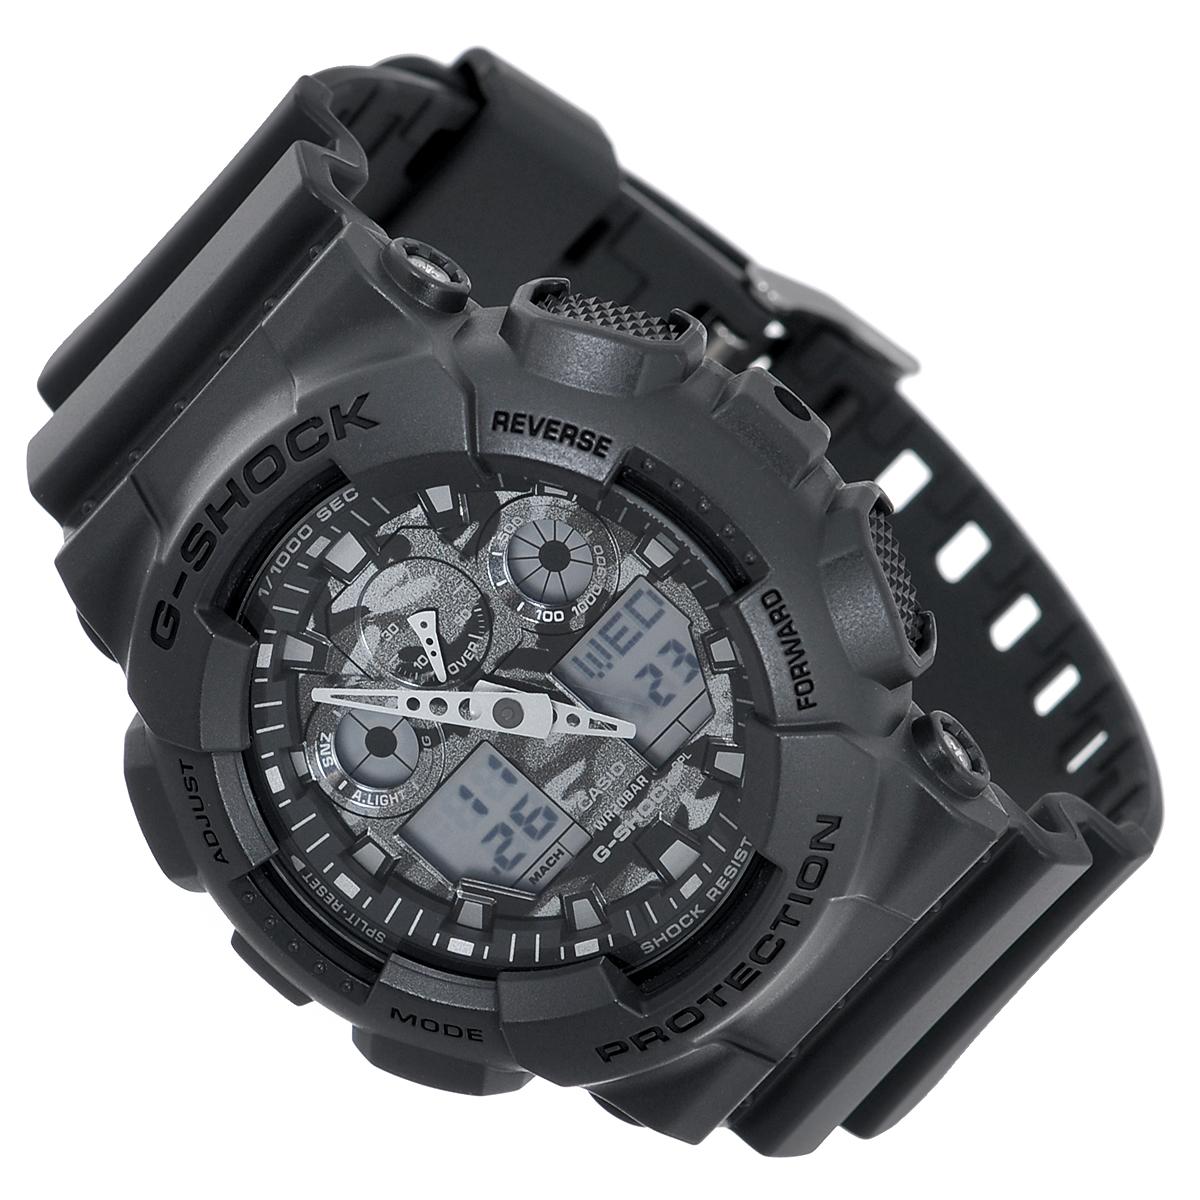 Часы мужские наручные Casio G-Shock, цвет: темно-серый. GA-100CF-8AGA-100CF-8AСтильные кварцевые часы G-Shock от японского брэнда Casio - это яркий функциональный аксессуар для современных людей, которые стремятся выделиться из толпы и подчеркнуть свою индивидуальность. Часы выполнены в спортивном стиле. Корпус имеет ударопрочную конструкцию, защищающую механизм от ударов и вибрации. Циферблат с отметками и двумя стрелками подсвечивается светодиодом. Функция автоподсветки освещает циферблат при повороте часов к лицу. Ремешок из пластика имеет классическую застежку.Основные функции: -5 будильников, один из которых с функцией Snooze, ежечасный сигнал; -автоматический календарь (число, месяц, день недели, год); -секундомер с точностью показаний 1/1000 с и временем измерения 100 ч; -12-ти и 24-х часовой формат времени; -таймер обратного отсчета от 1 мин до 24 ч с автоповтором; -мировое время; -сплит-хронограф; -защита от магнитных полей;-измерение скорости и расстояния. Часы упакованы в фирменную коробку с логотипом Casio. Такой аксессуар добавит вашему образу стиля и подчеркнет безупречный вкус своего владельца.Характеристики: Диаметр циферблата: 3,8 см.Размер корпуса: 5,5 см х 5,1 см х 1,7 см.Длина ремешка (с корпусом): 25 см.Ширина ремешка: 2,2 см. STAINLESS STELL BACK JAPAN MOVT EL CASED IN THAILAND.